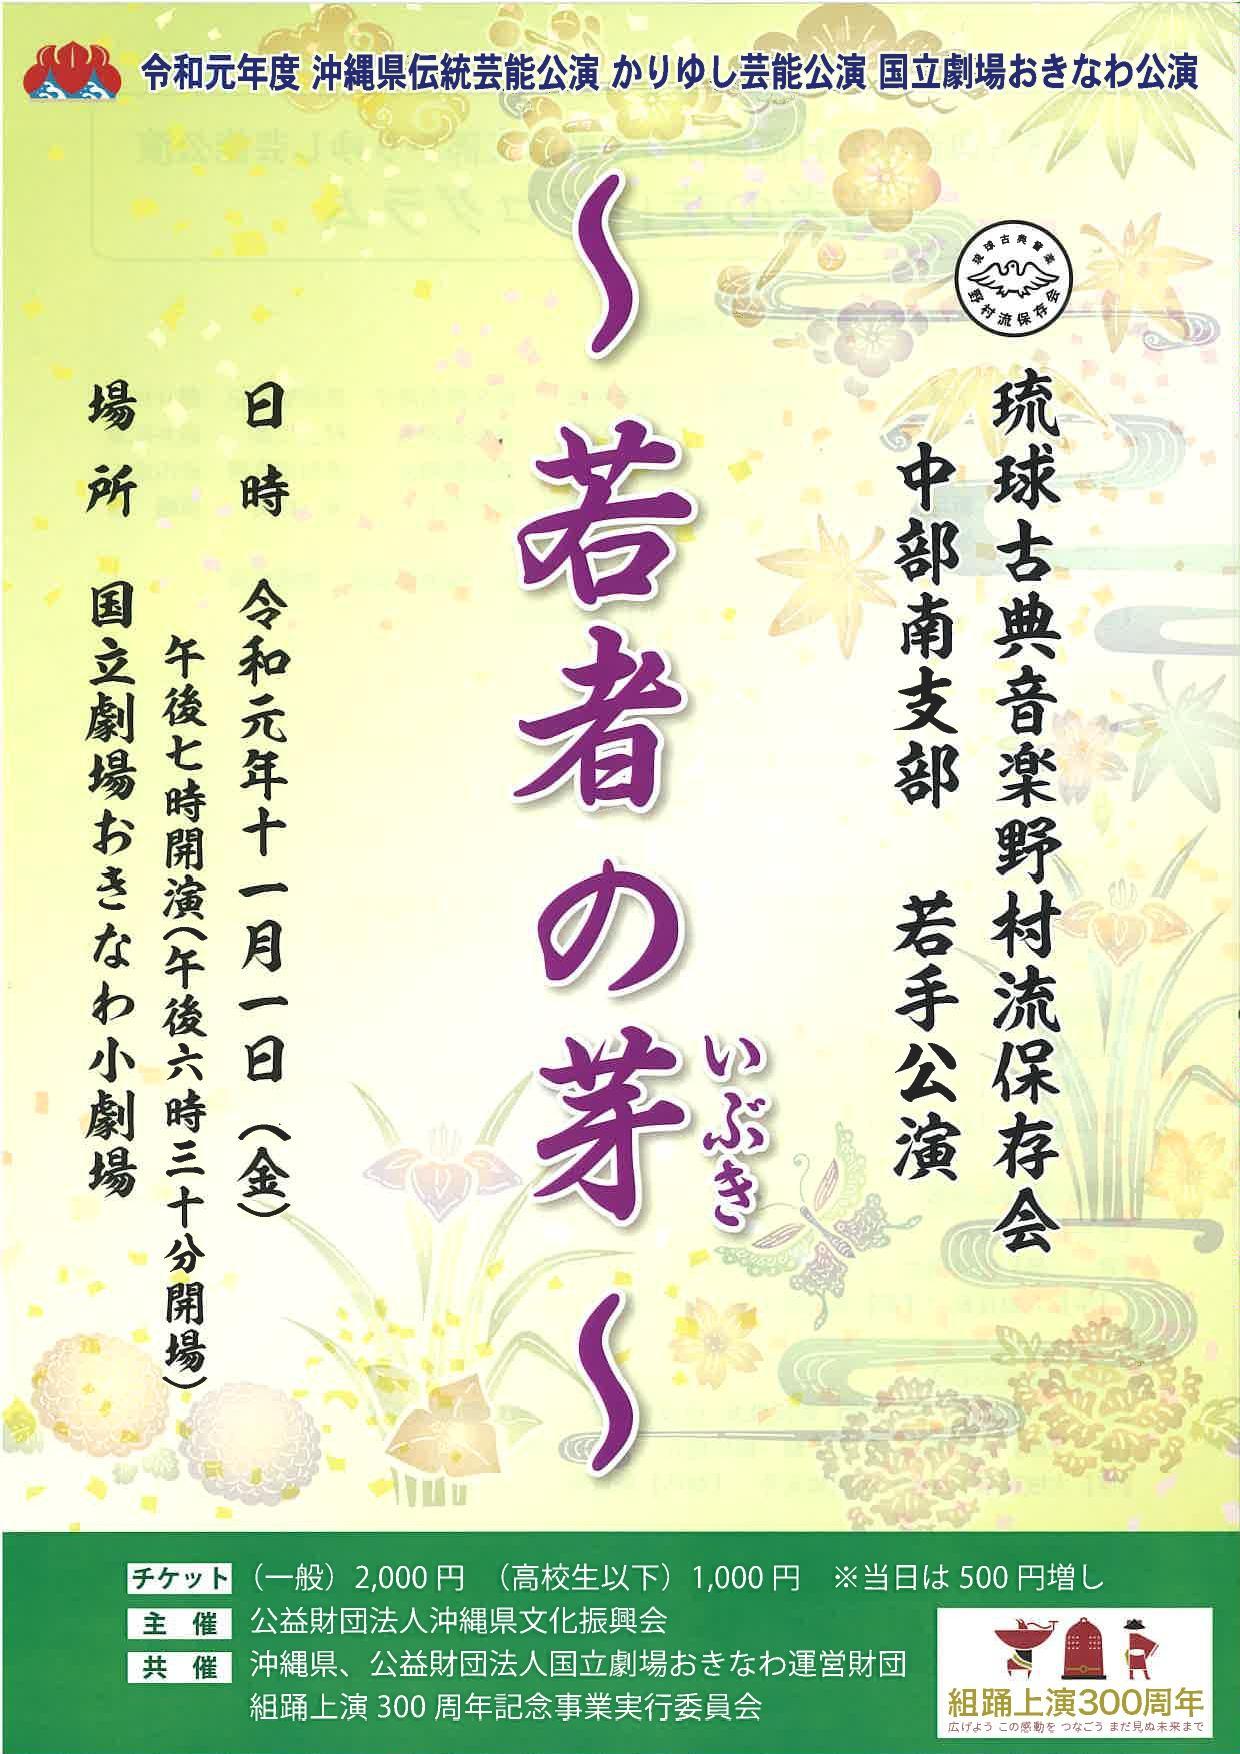 琉球古典音楽野村流保存会 中部南支部